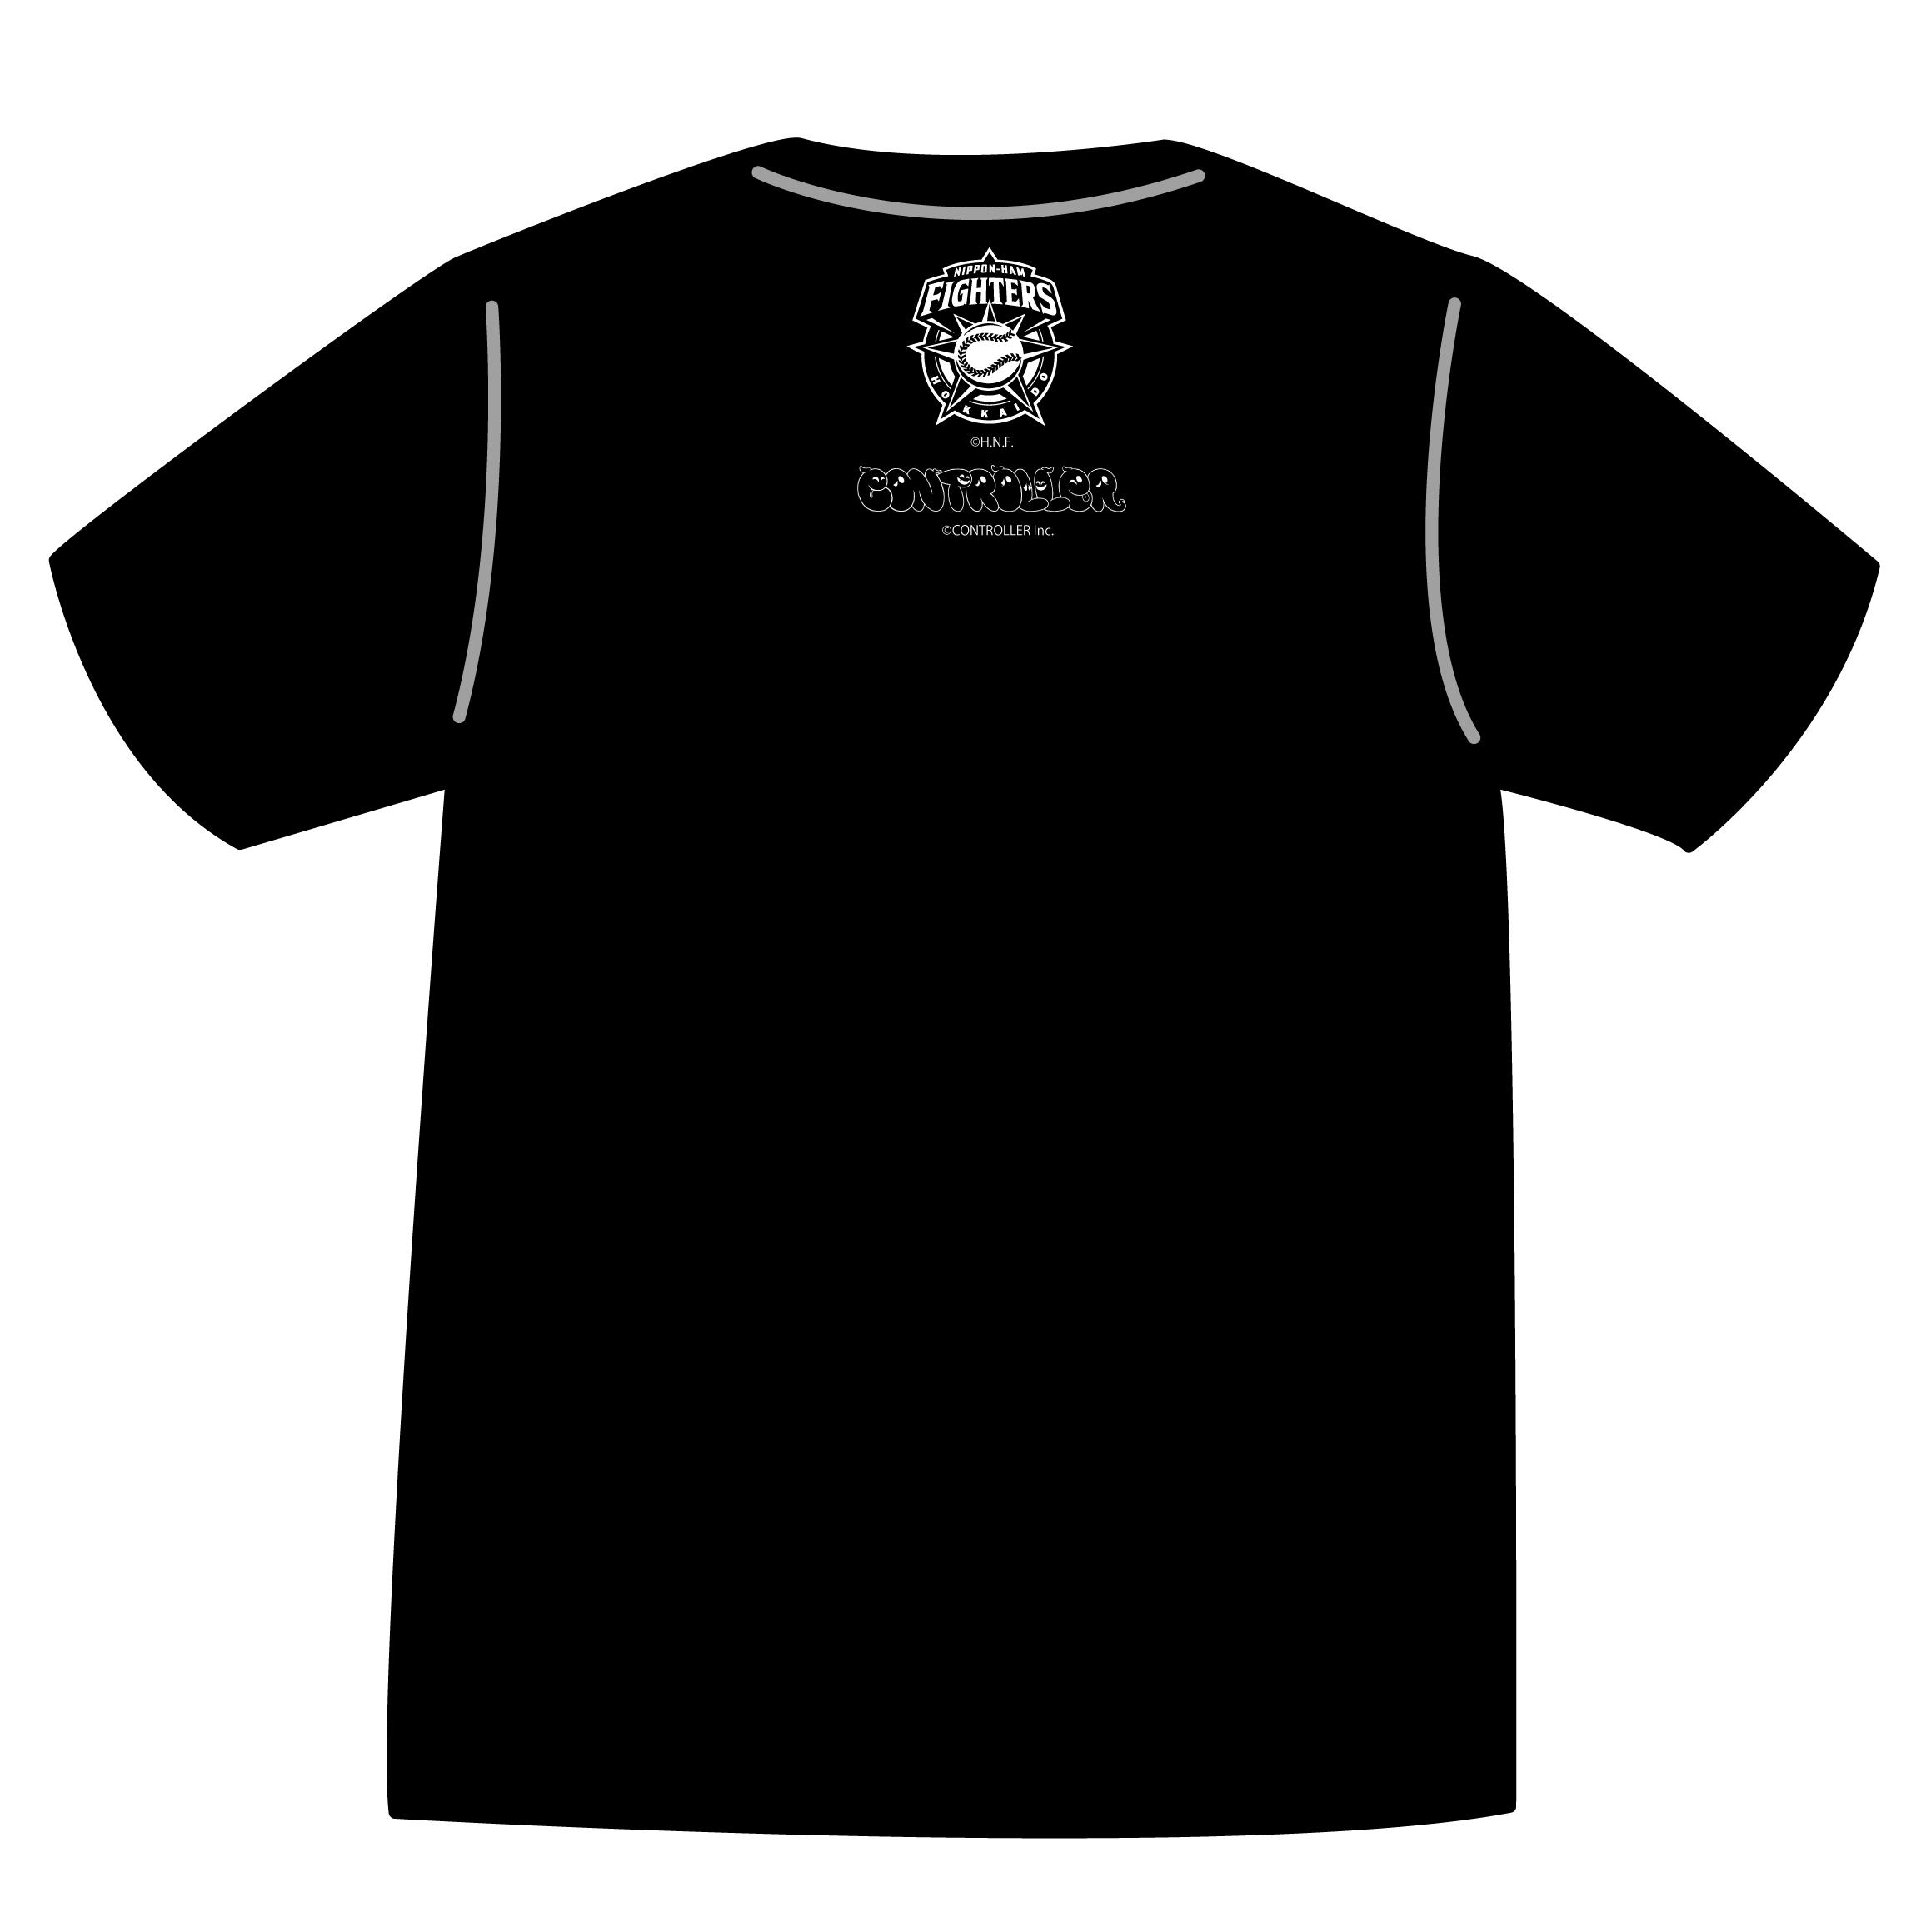 ドットファイターズ 「わん」 Tシャツ ブラック